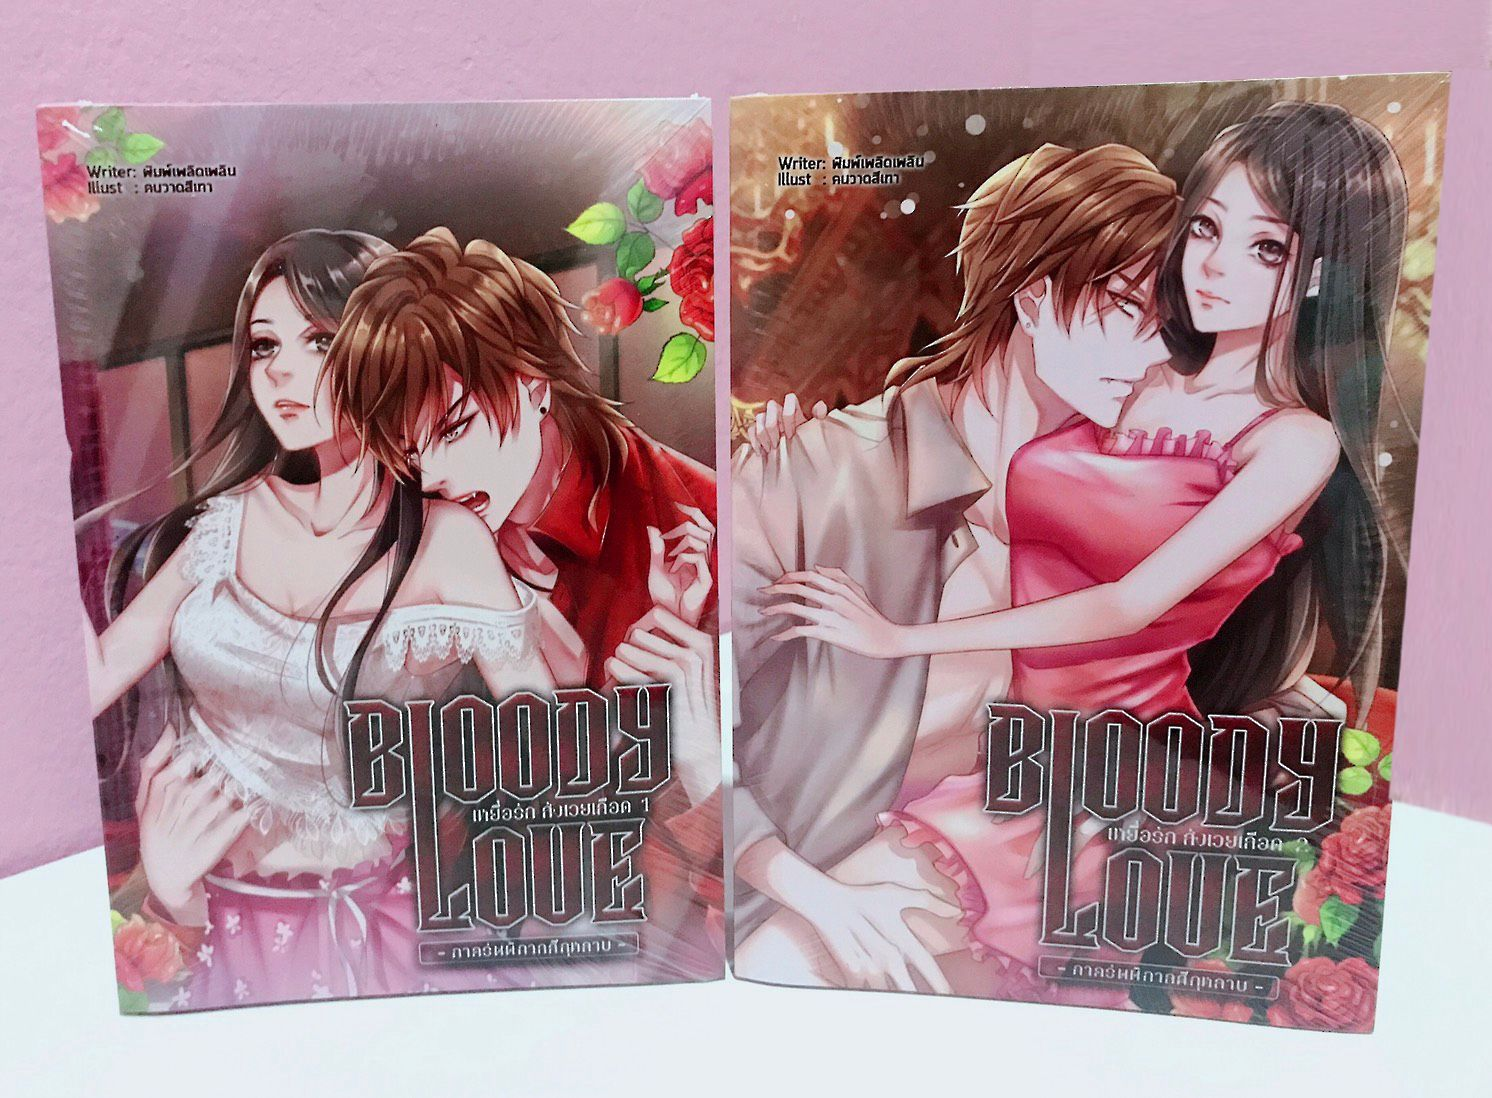 หนังสือนิยาย BLOODY LOVE เหยื่อรัก สังเวยเลือด ภาค รัตติกาลสีกุหลาบ Vol.1 และ Vol.2